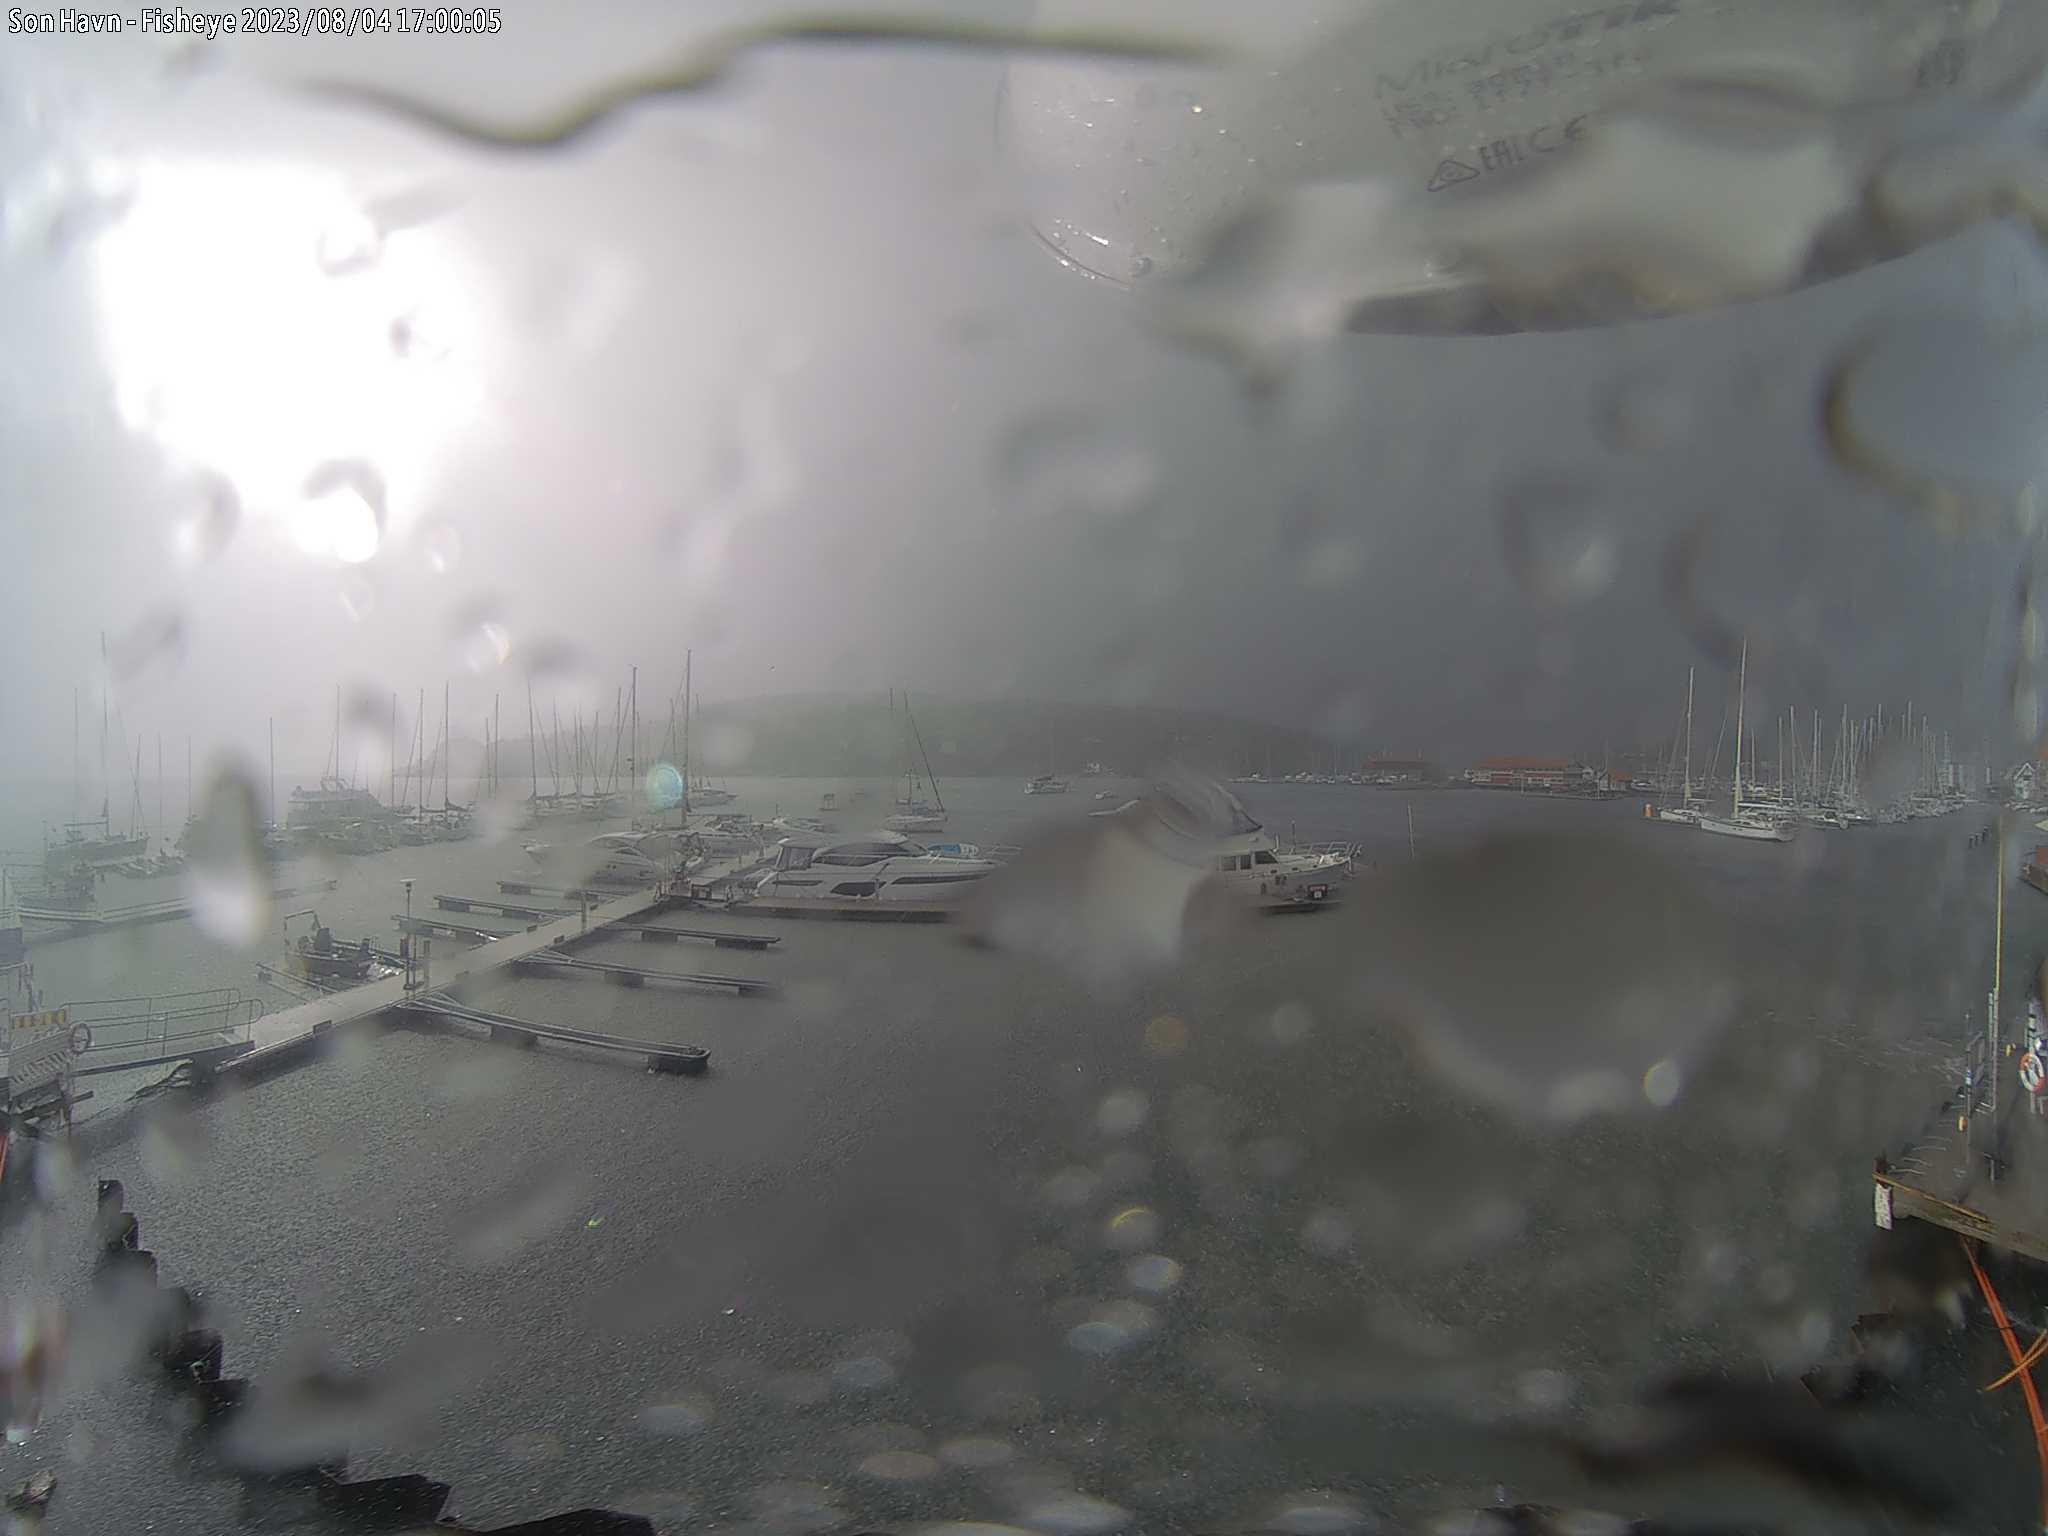 Son Gjestehavn - Vidvinkel – gjestehavna sett fra havnelageret